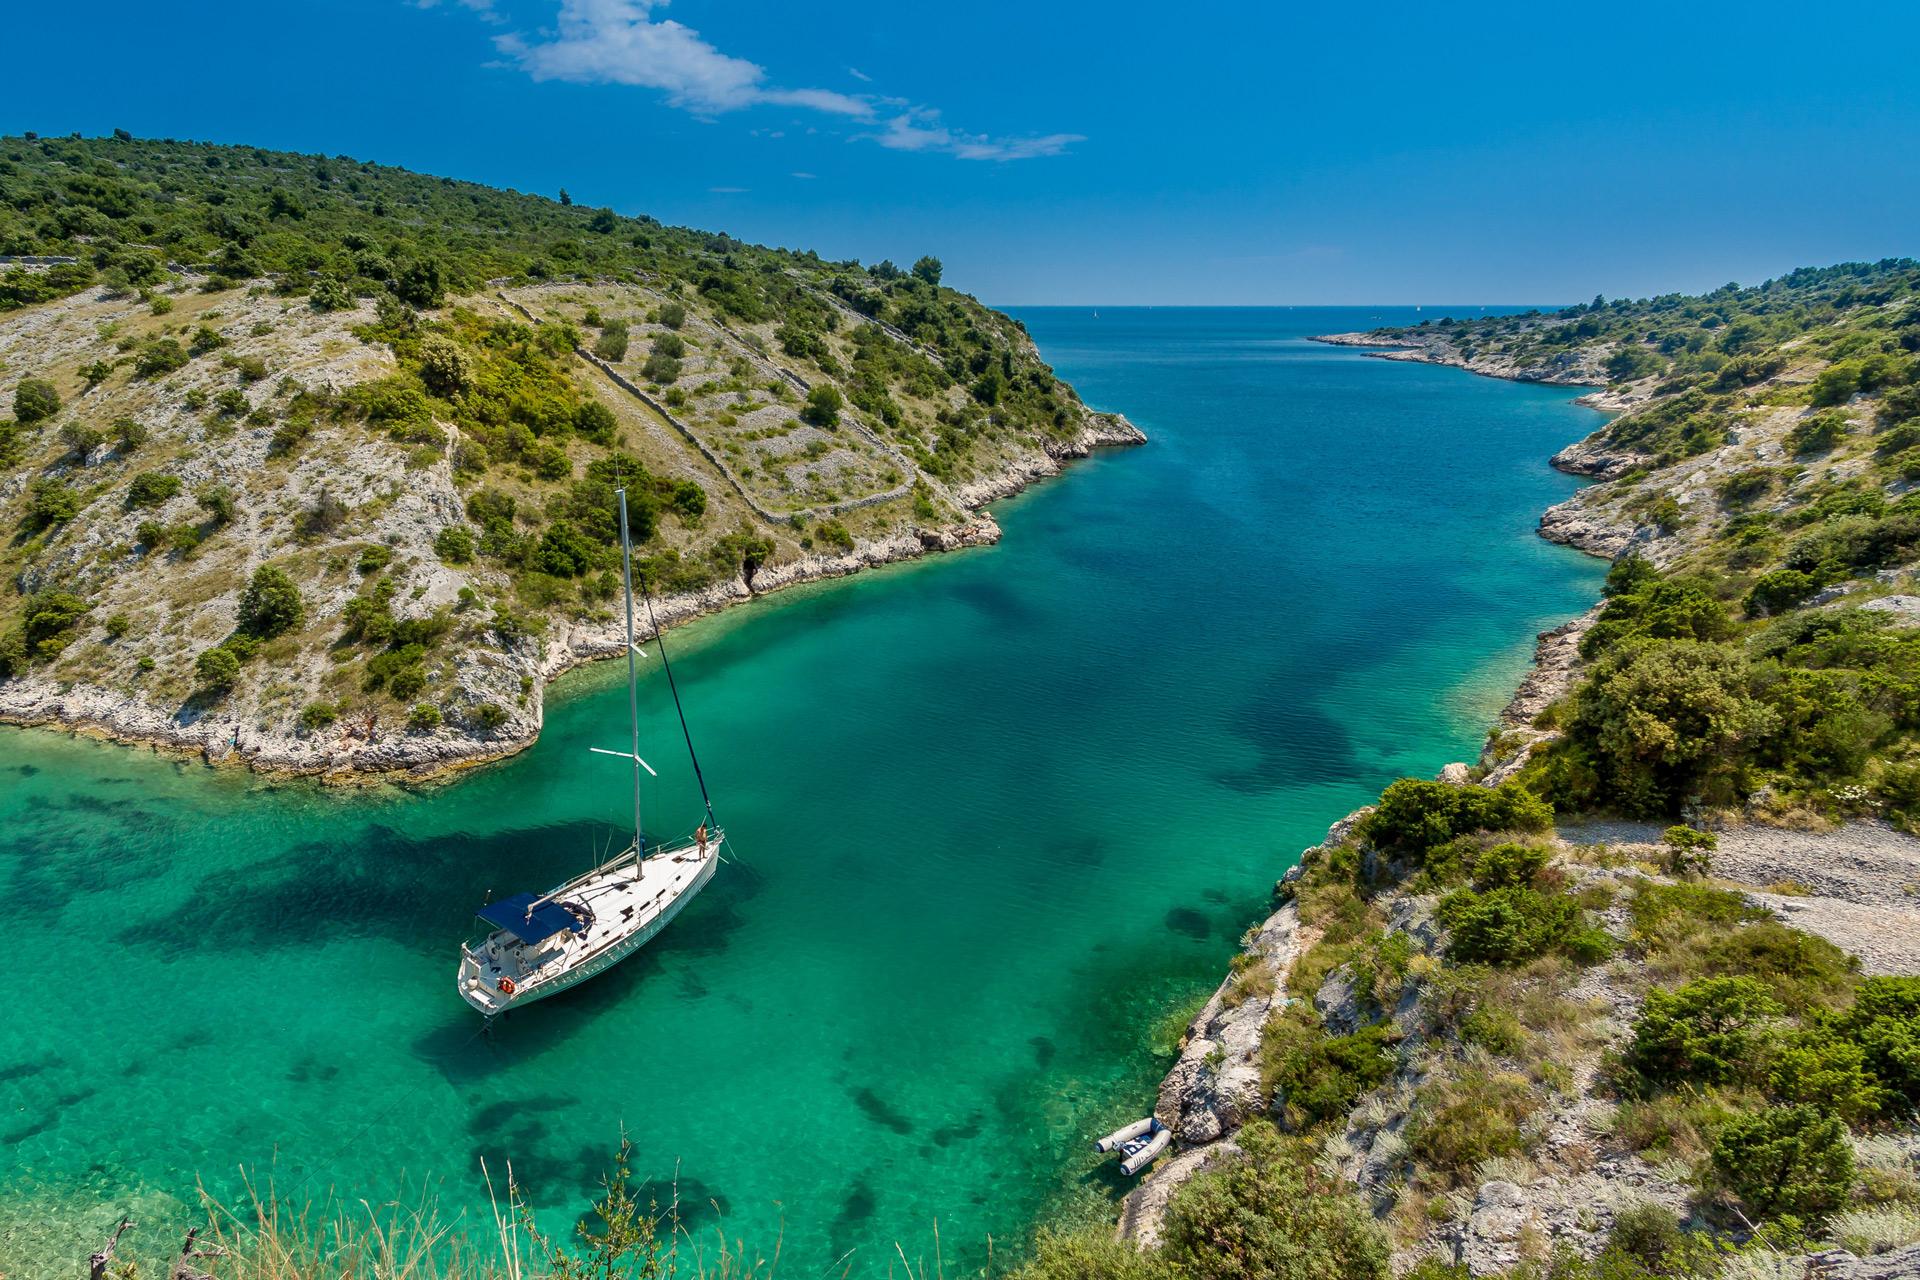 Vacances d'Été en Croatie : Séjour à partir de 319€ avec Vol Direct de Lyon et Hôtel 3*